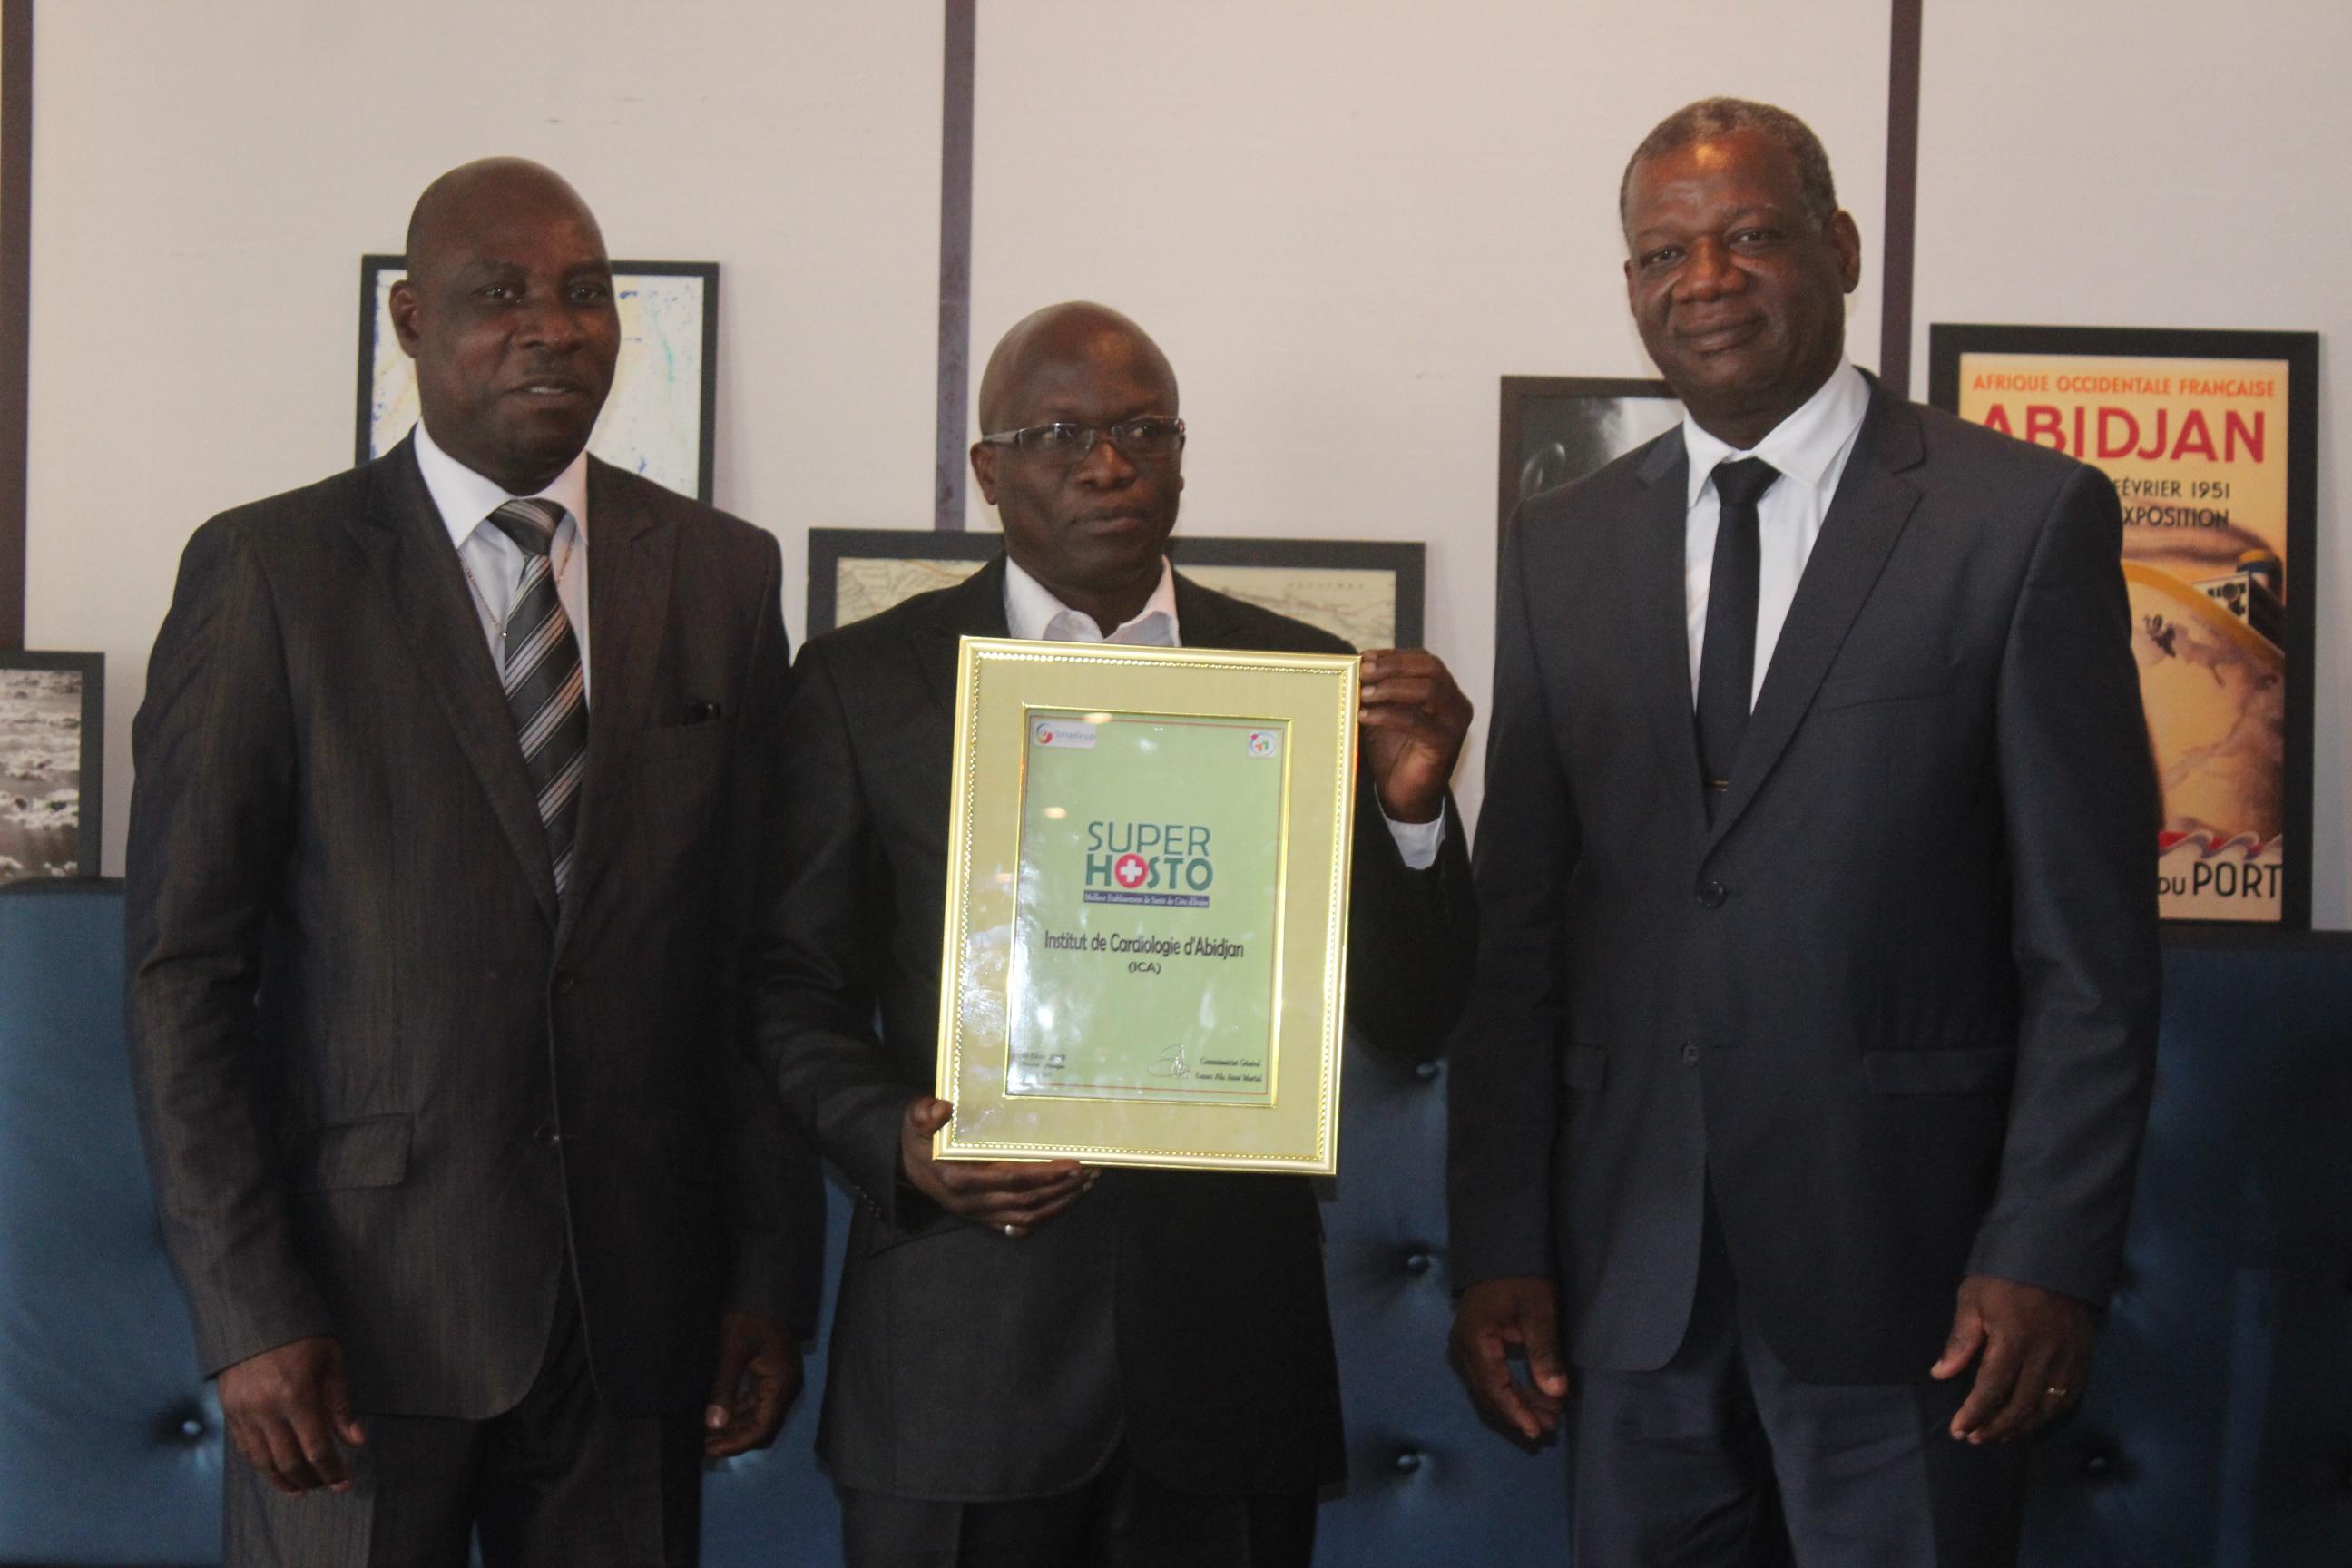 Hosto Awards 2018,Sohapigroup,Aimé Alla,Dr Anygrah,Institut de Cardiologie d'Abidjan,Policlinique La Providence,Ministère de la santé